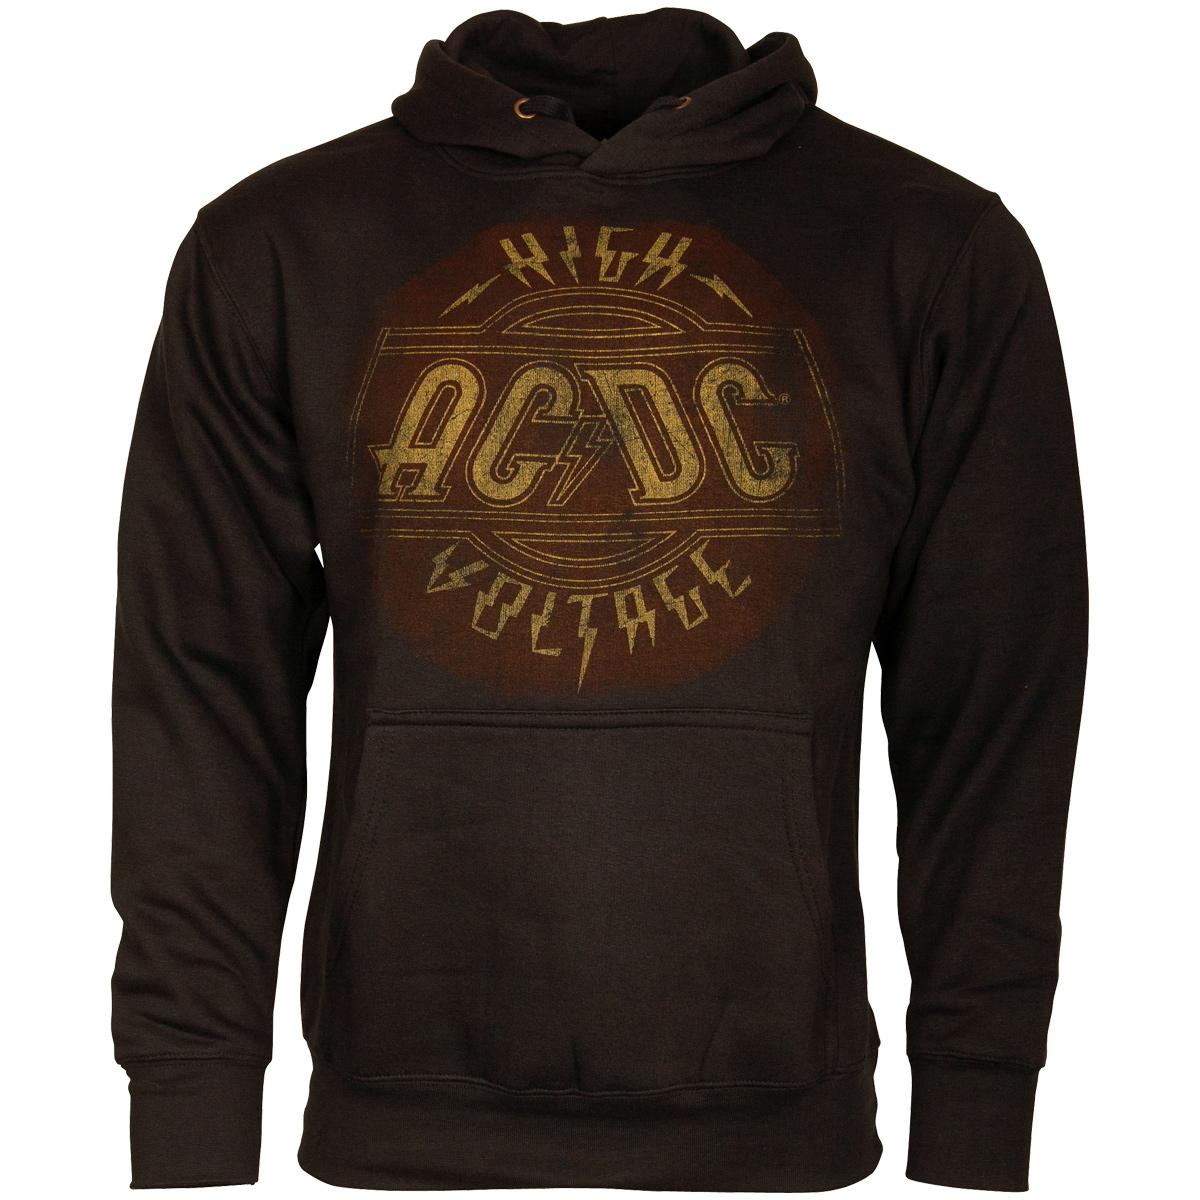 AC/DC - Kapuzenpullover High Voltage - schwarz